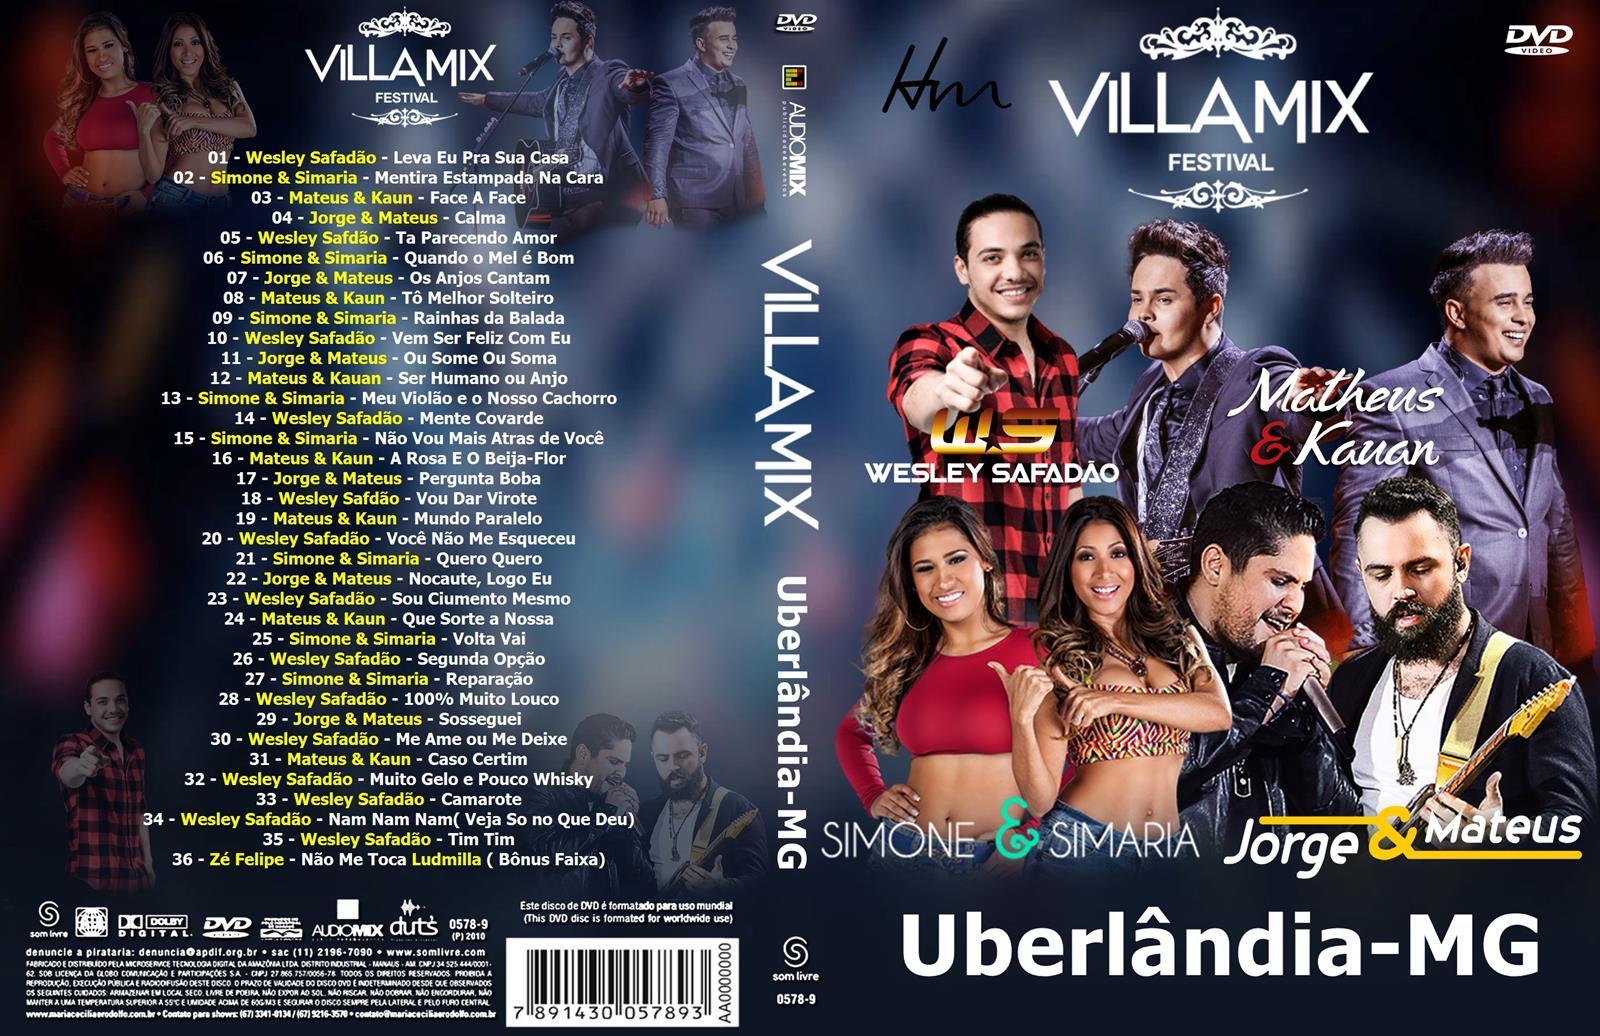 VillaMixFestivalUberlandia2016